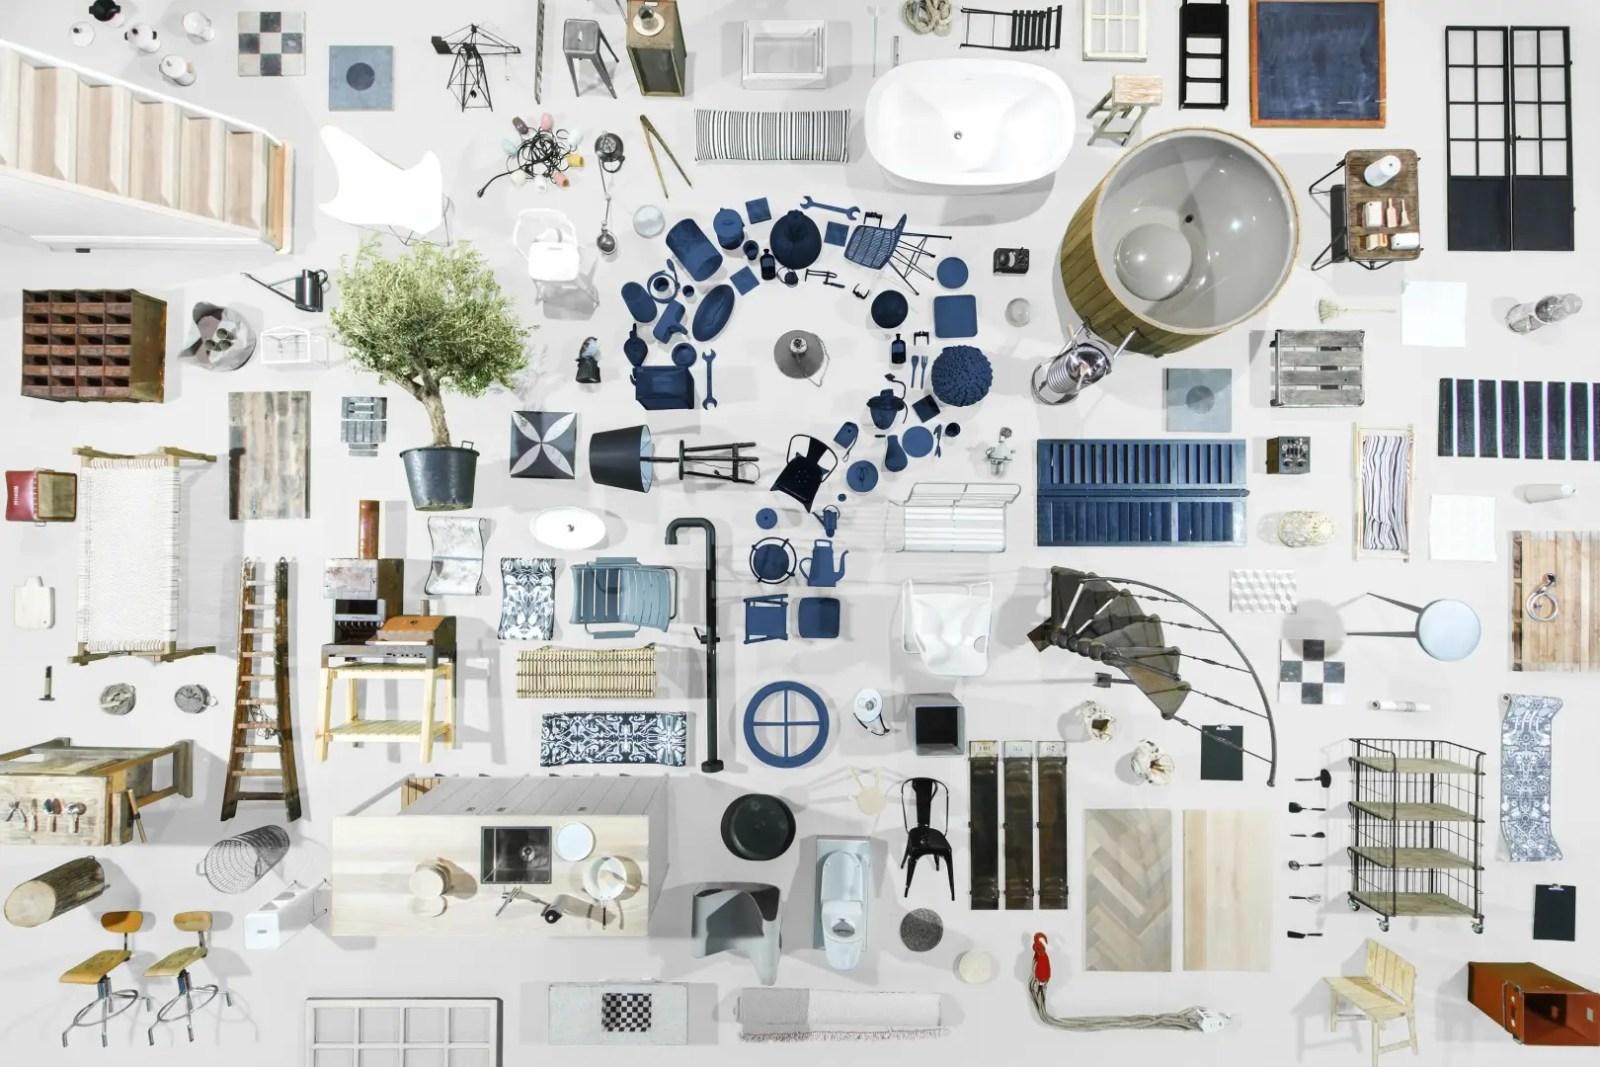 Woonnieuws | vt wonen & design beurs - Woonblog StijlvolStyling.com